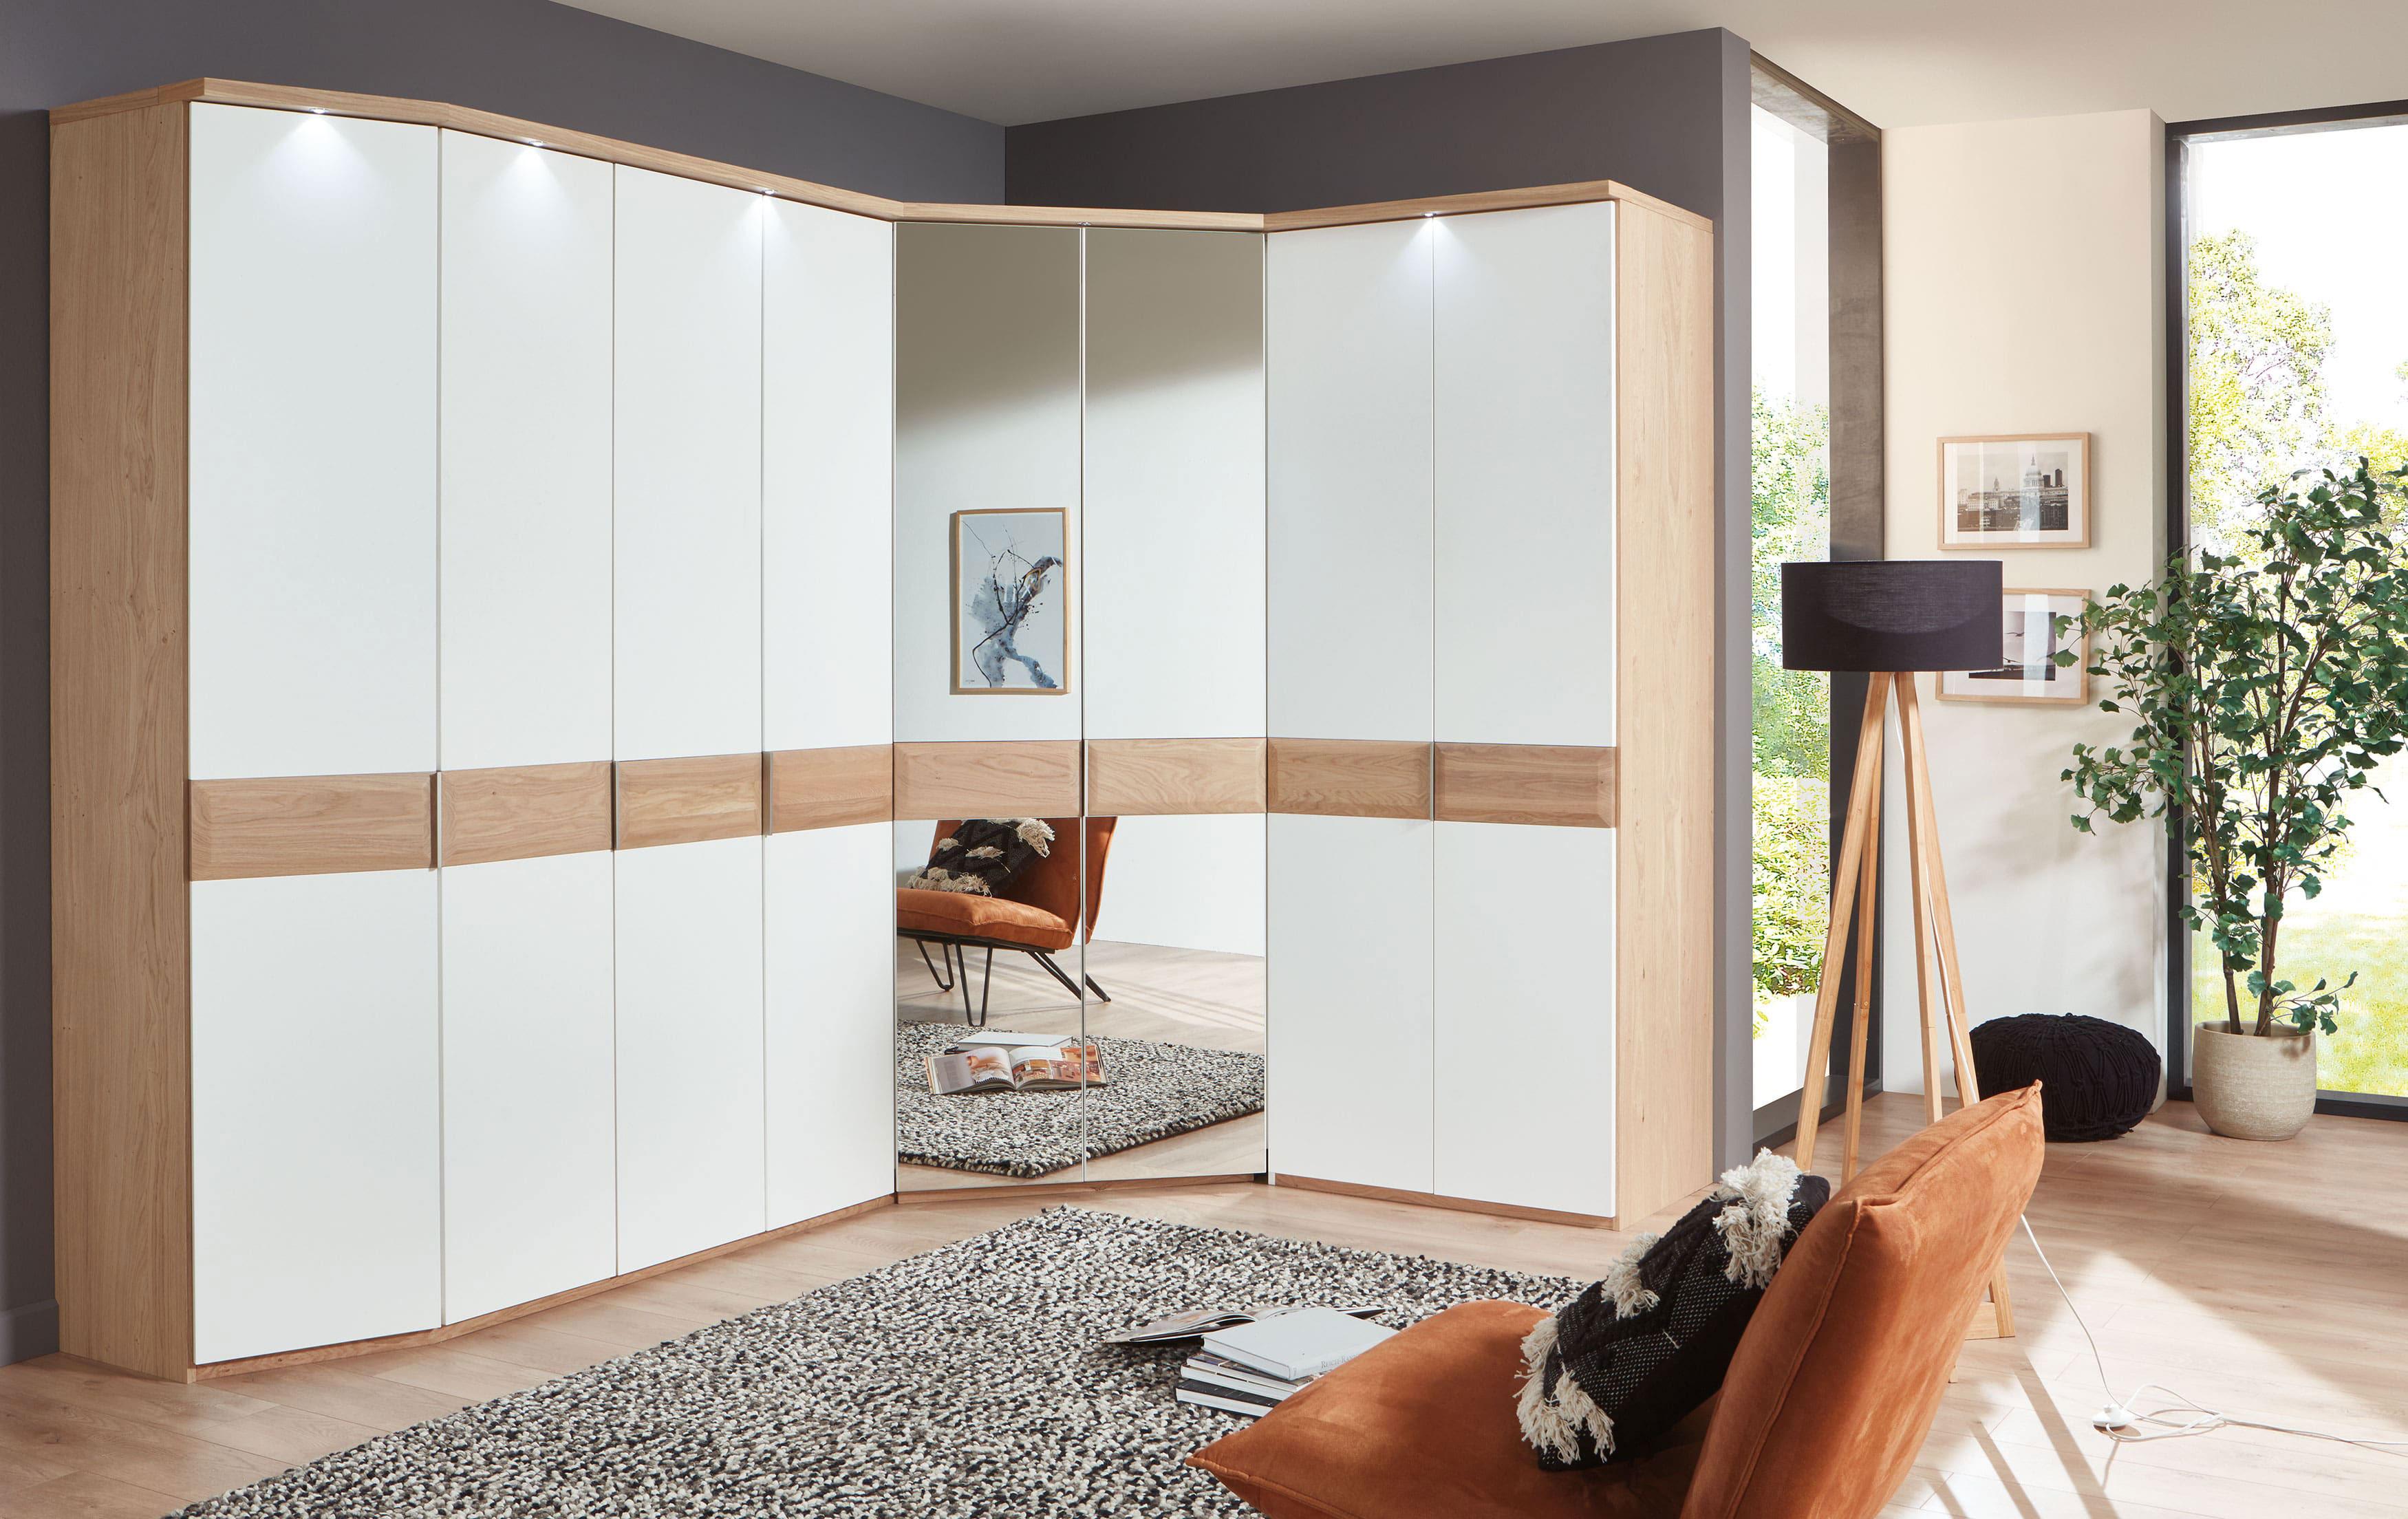 Disselkamp Cavalino Eck-Kleiderschrank mit Spiegel balkeneiche/weiß